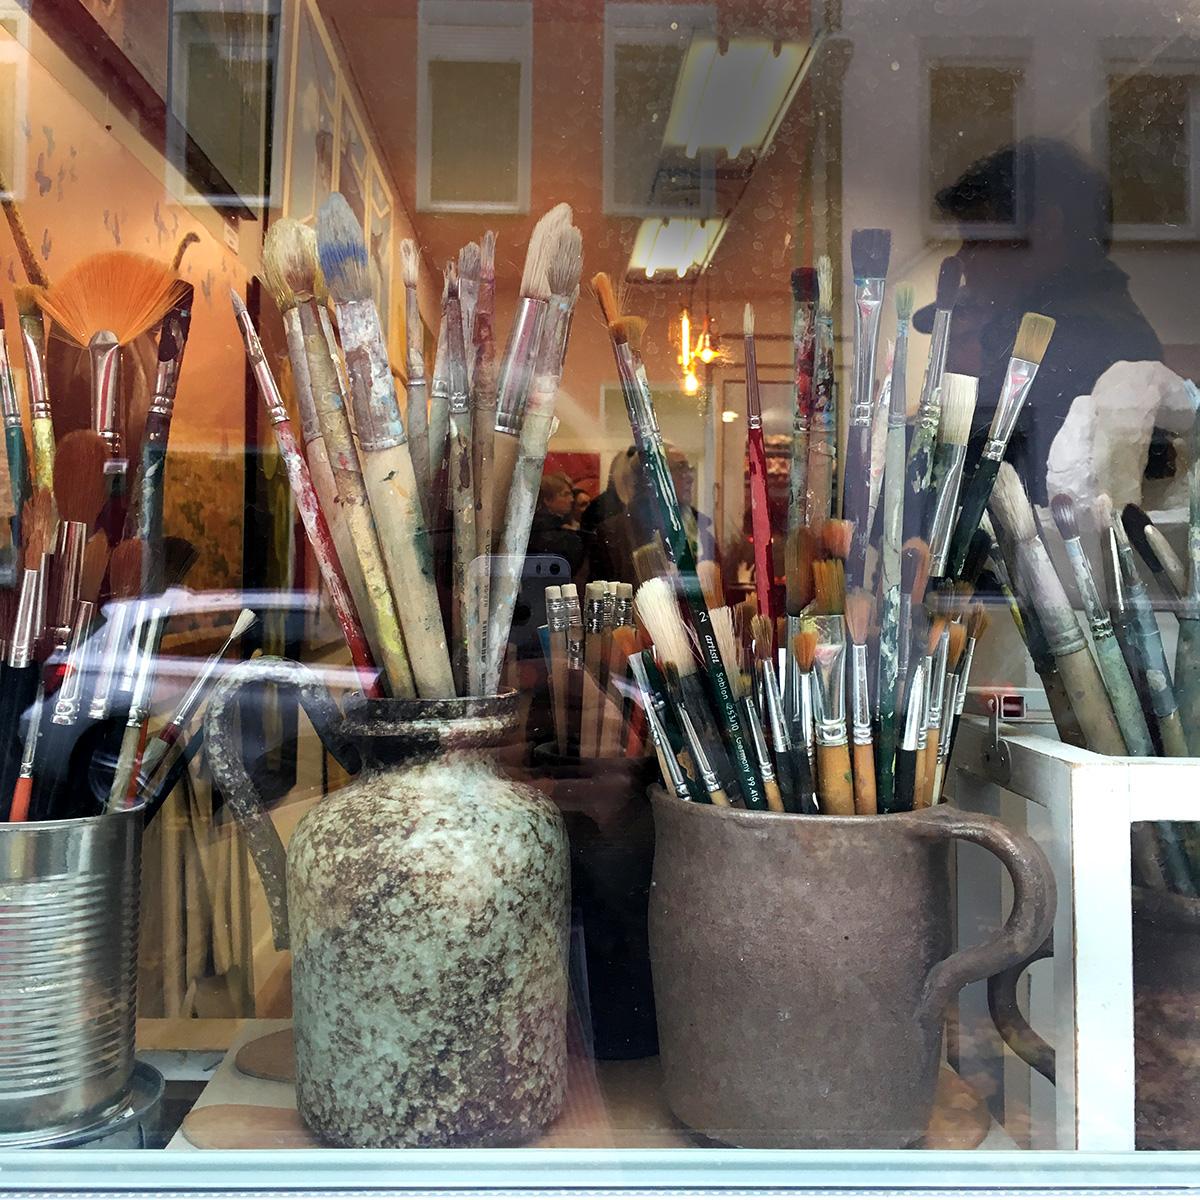 Blick durch eine Fensterscheibe in ein Ladenlokal im Vordergrund Behälter mit vielen verschiedenen Pinseln